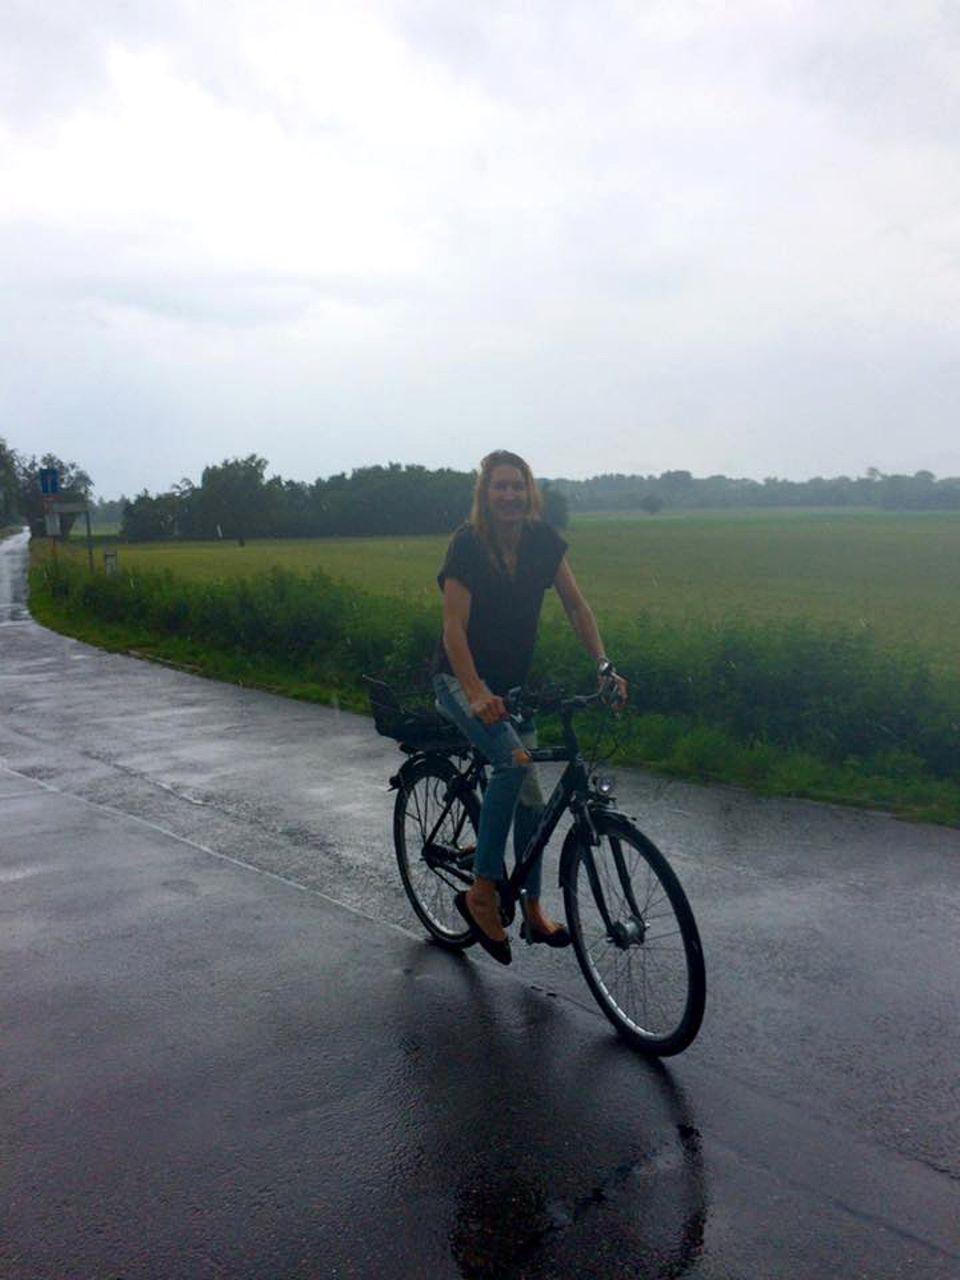 Steffi Graf kommt mit ihrem Rad in einen Regenschauer, nimmt es aber bei den sommerlichen Temperaturen gelassen.